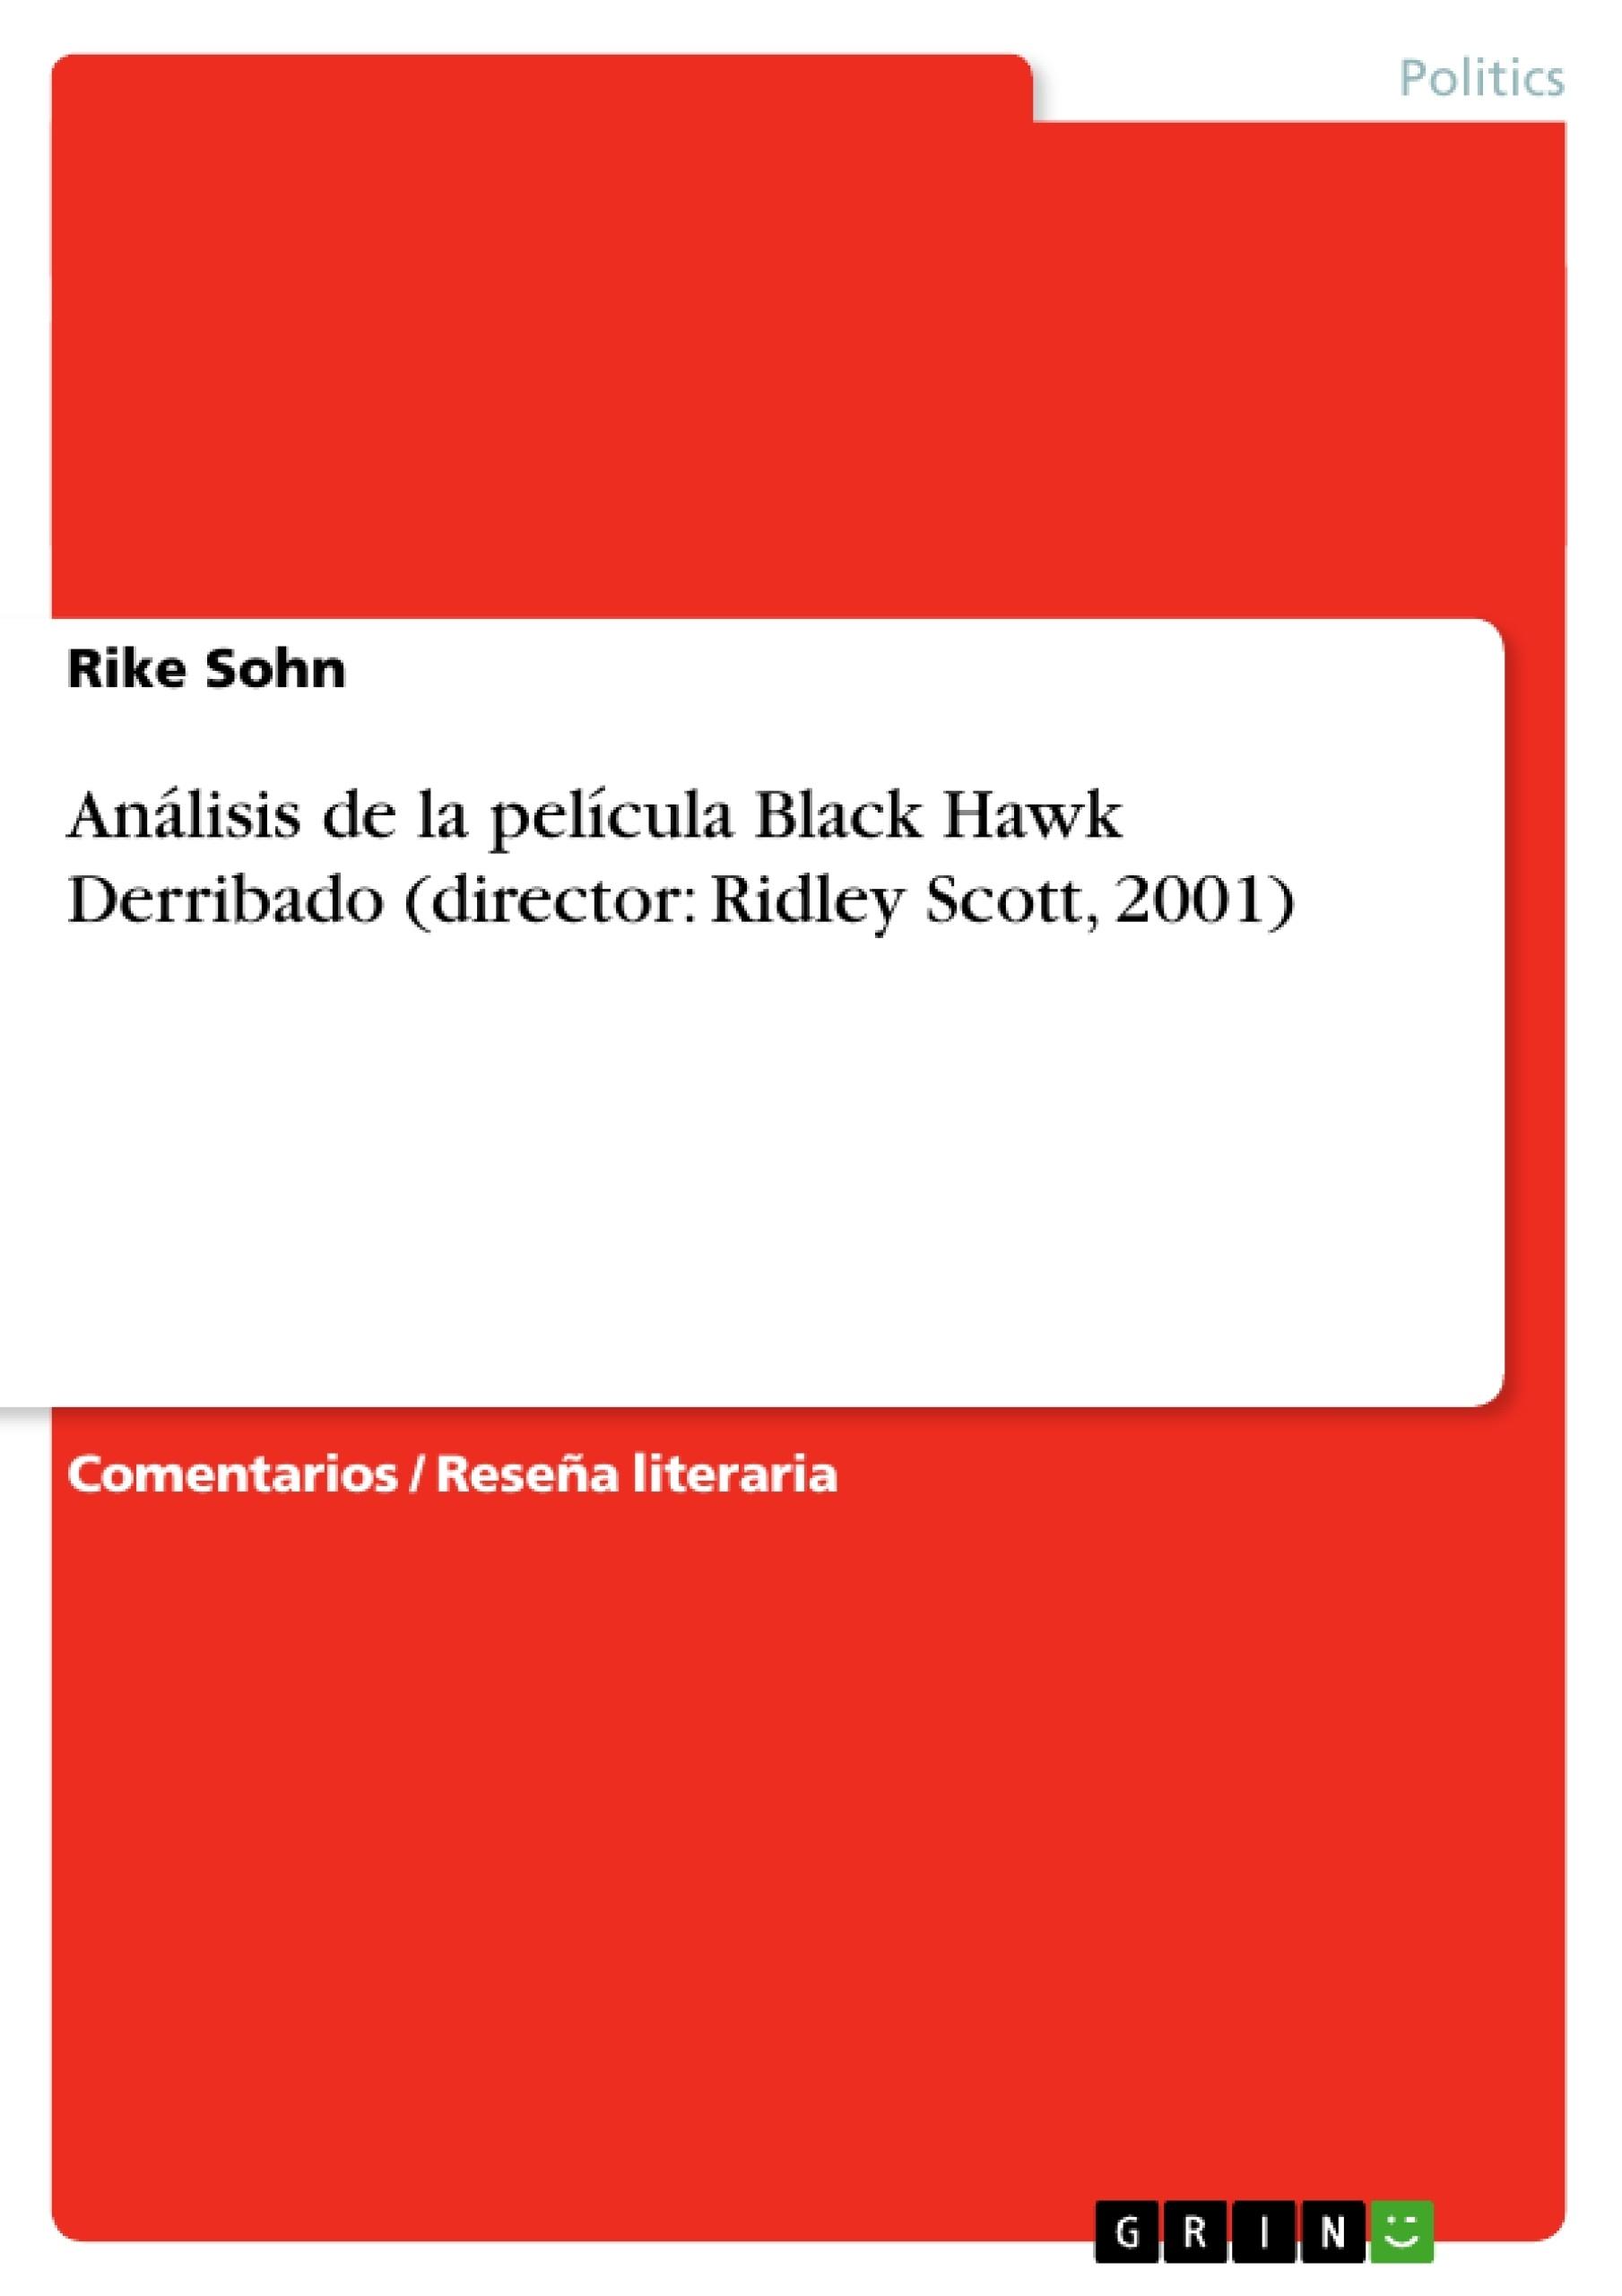 Título: Análisis de la película Black Hawk Derribado (director: Ridley Scott, 2001)